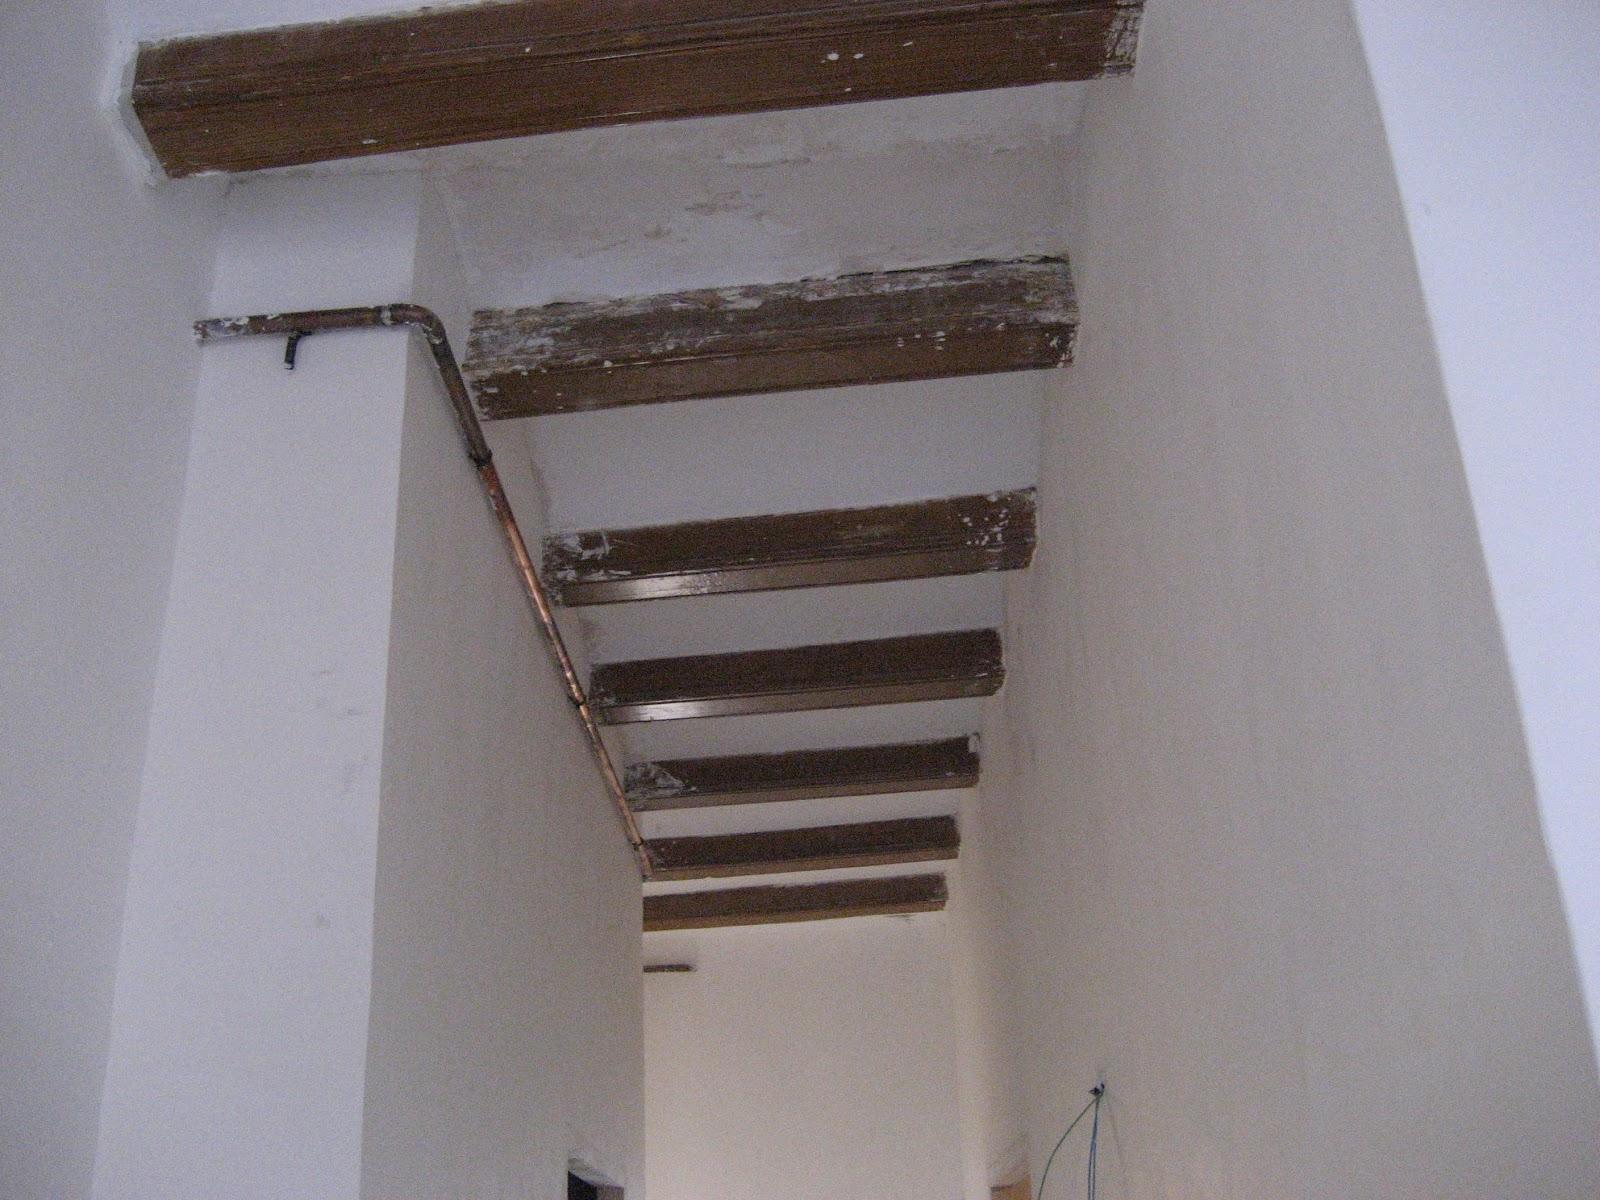 Servicios de pintura pinturas alejandre como pintar su piso for Pintura color piedra claro